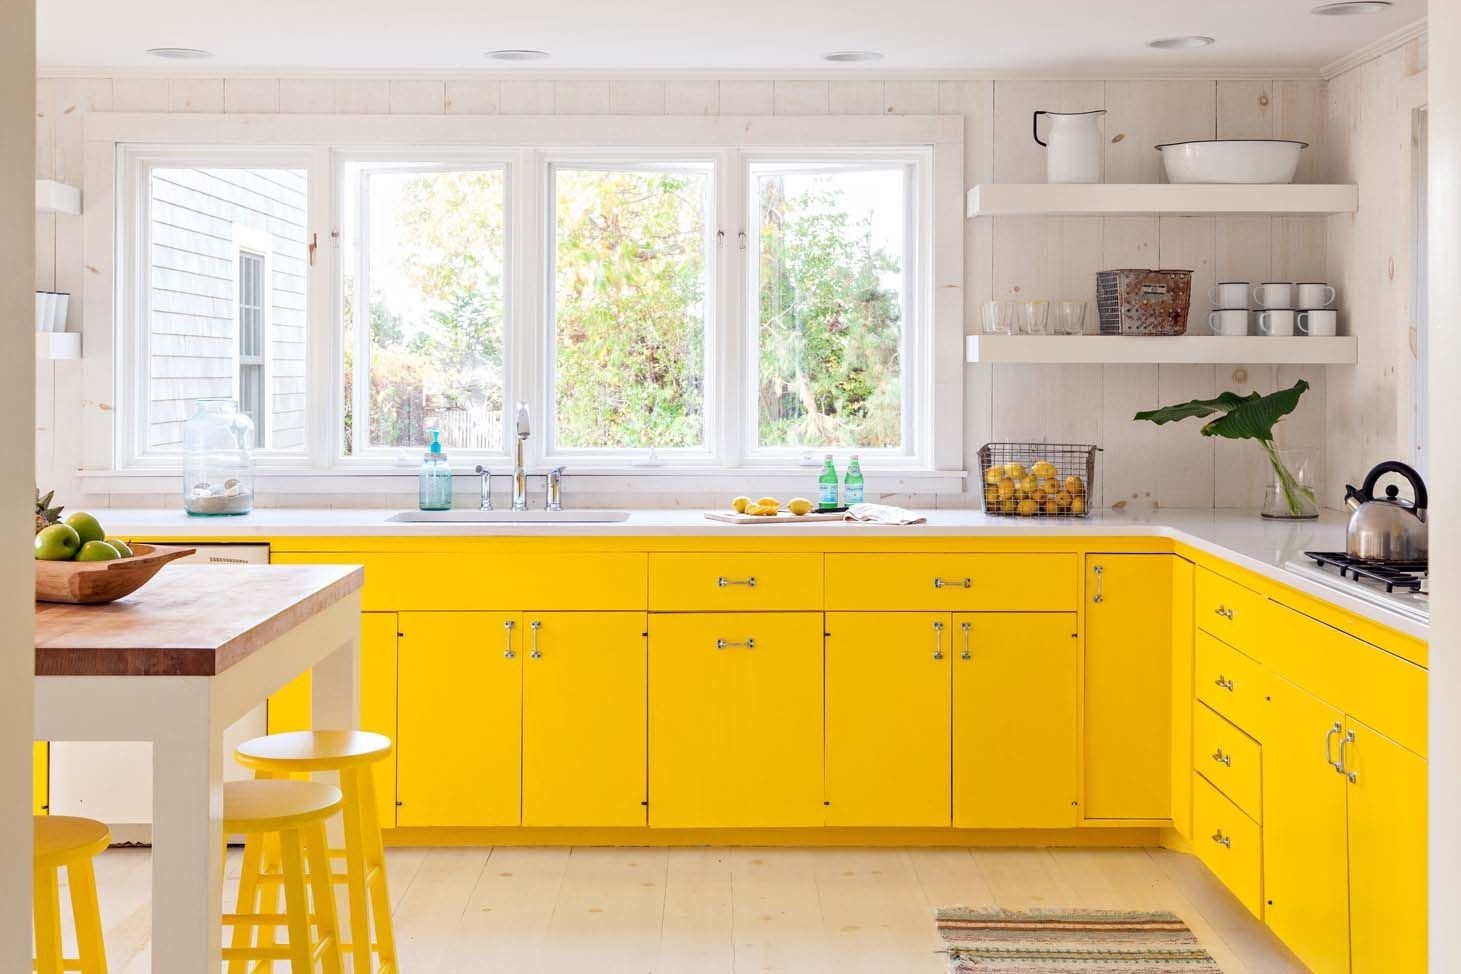 تعرفوا إلى فوائد اللون الأصفر في مطابخكم